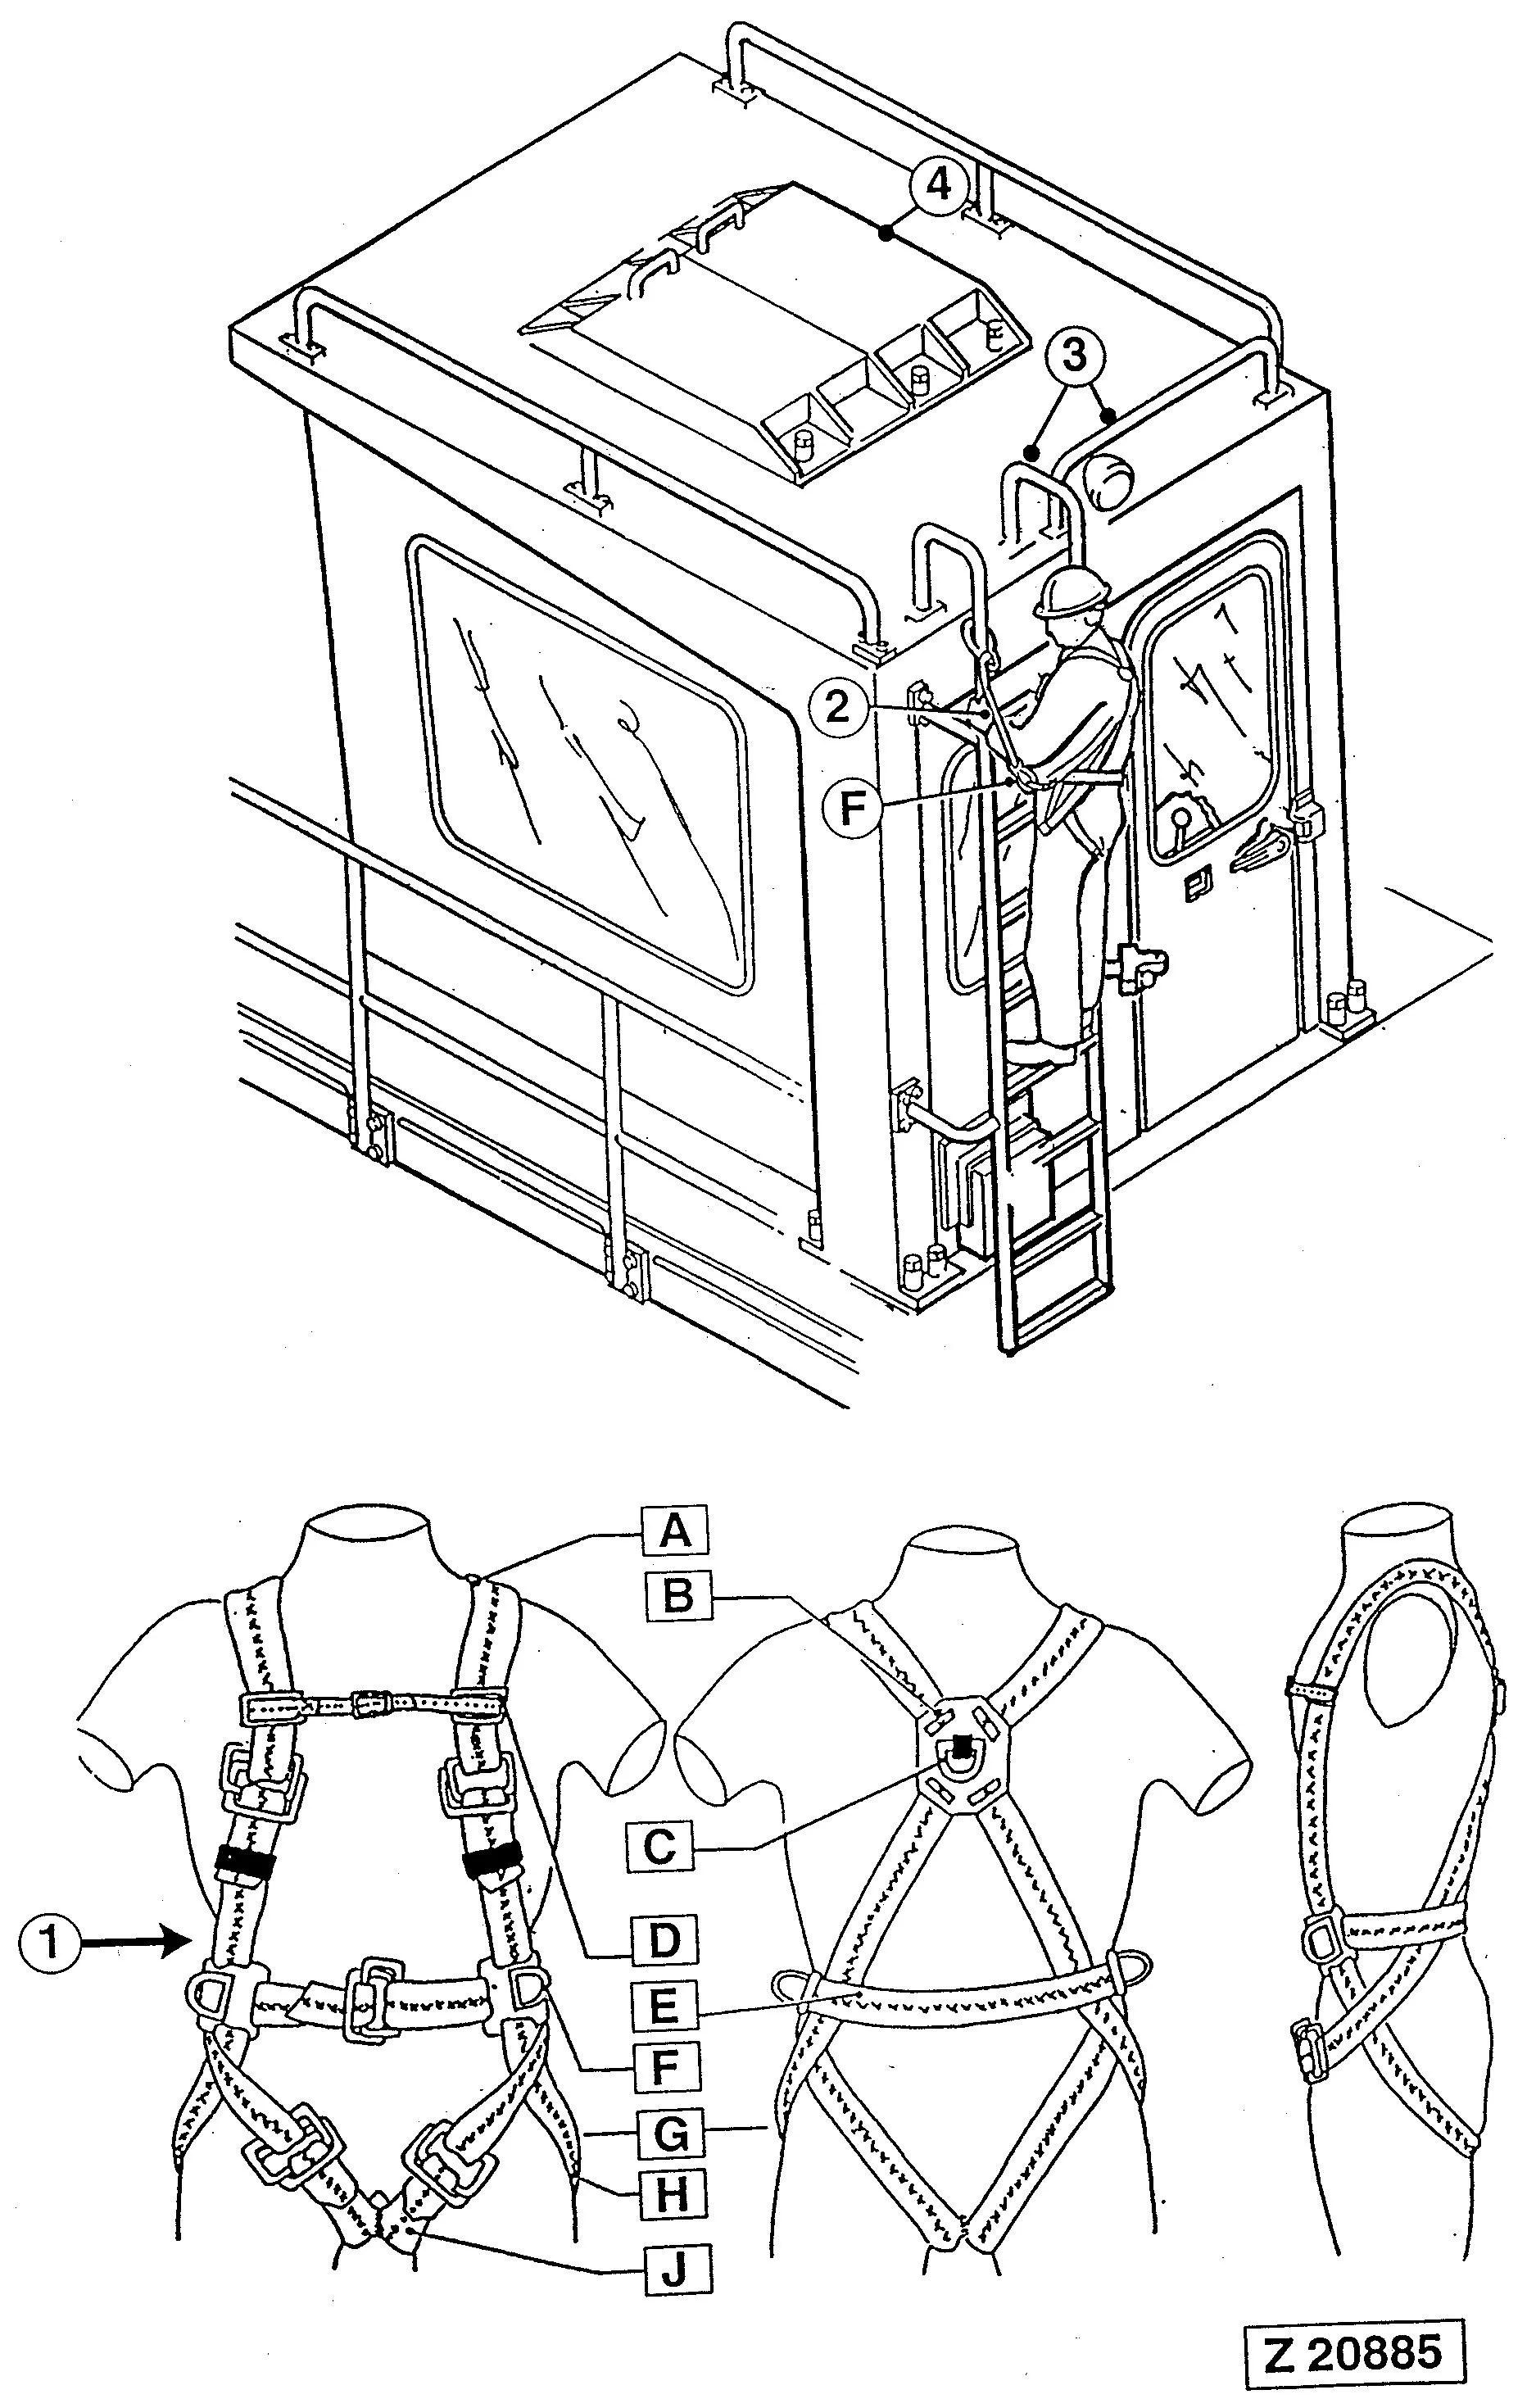 Komatsu Hydraulic Mining Shovel PC5500-6 Operation